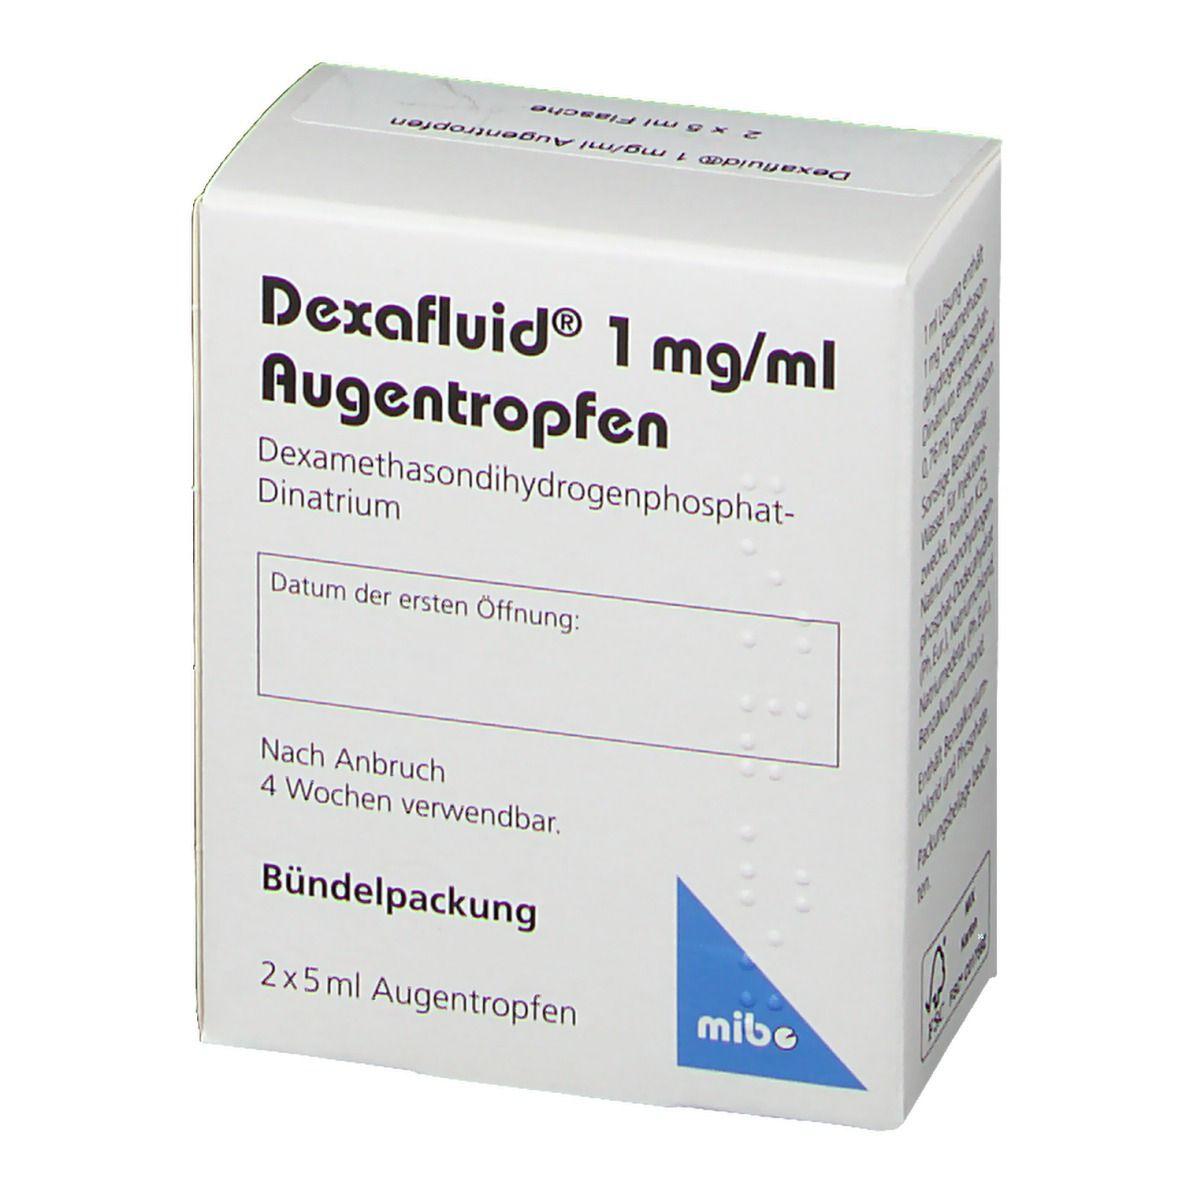 DEXAFLUID 1 mg/ml Augentropfen